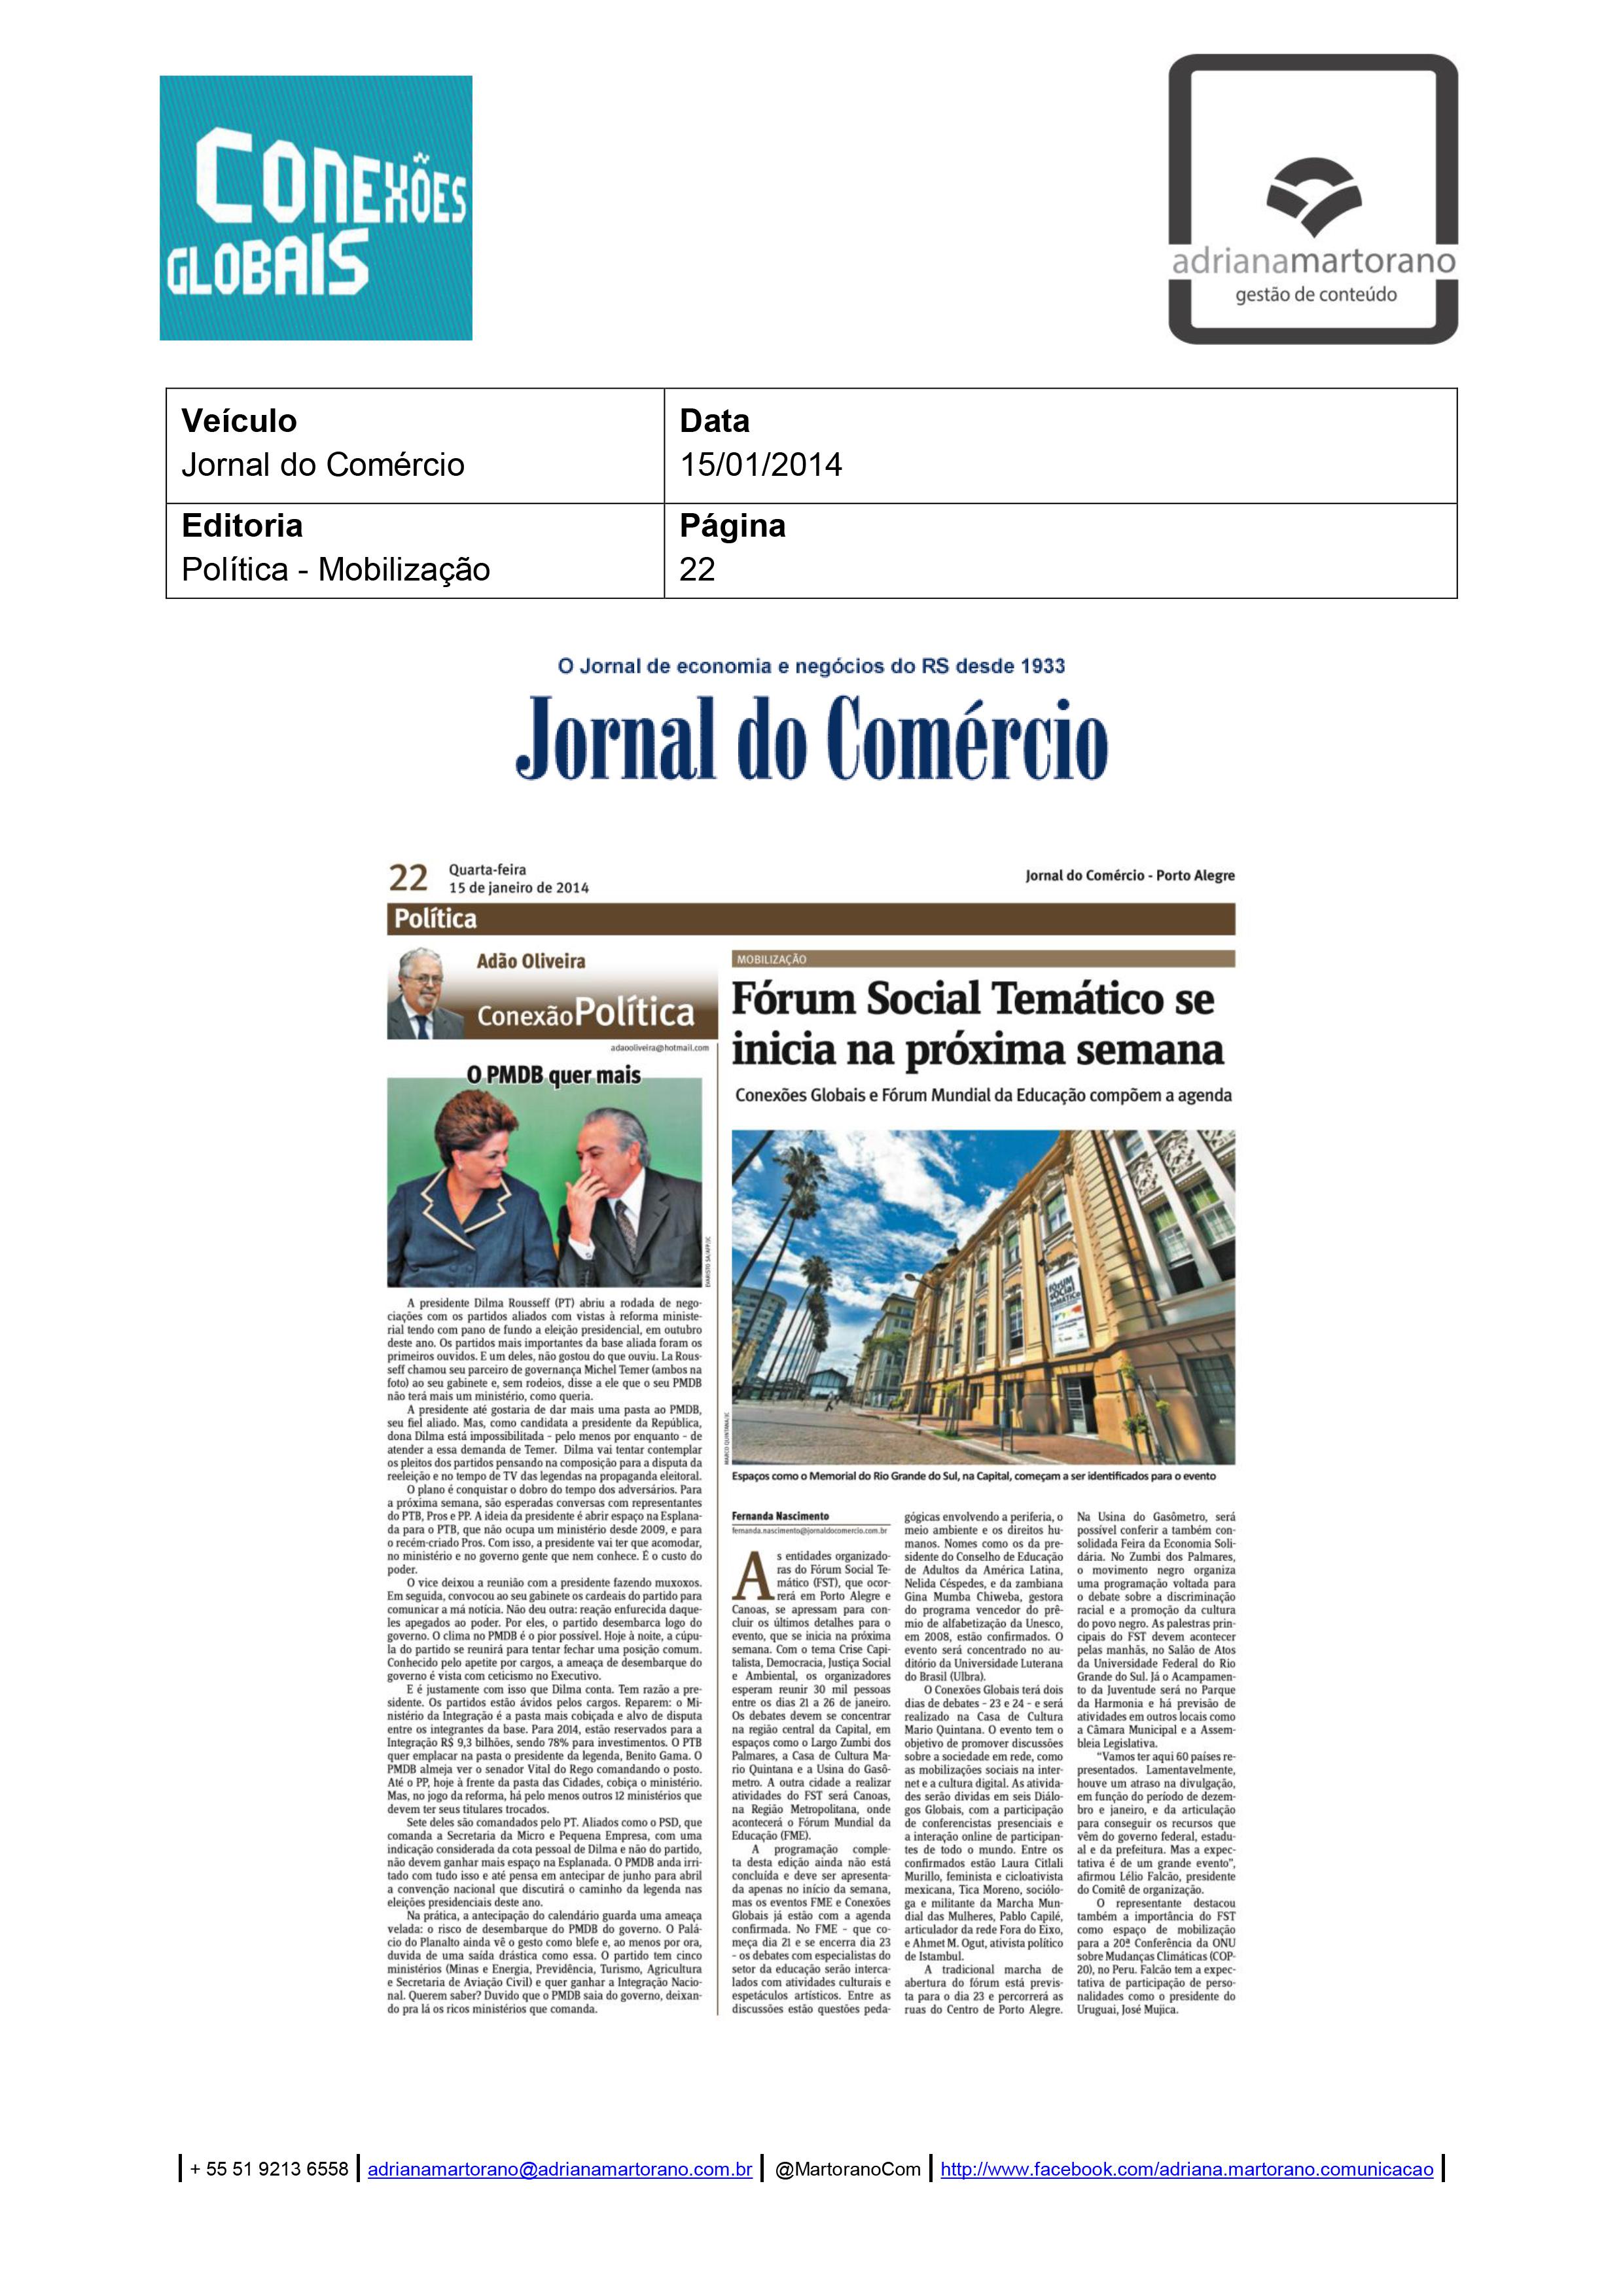 2014-01-15 - Jornal do Comércio (Ediçao Impressa)